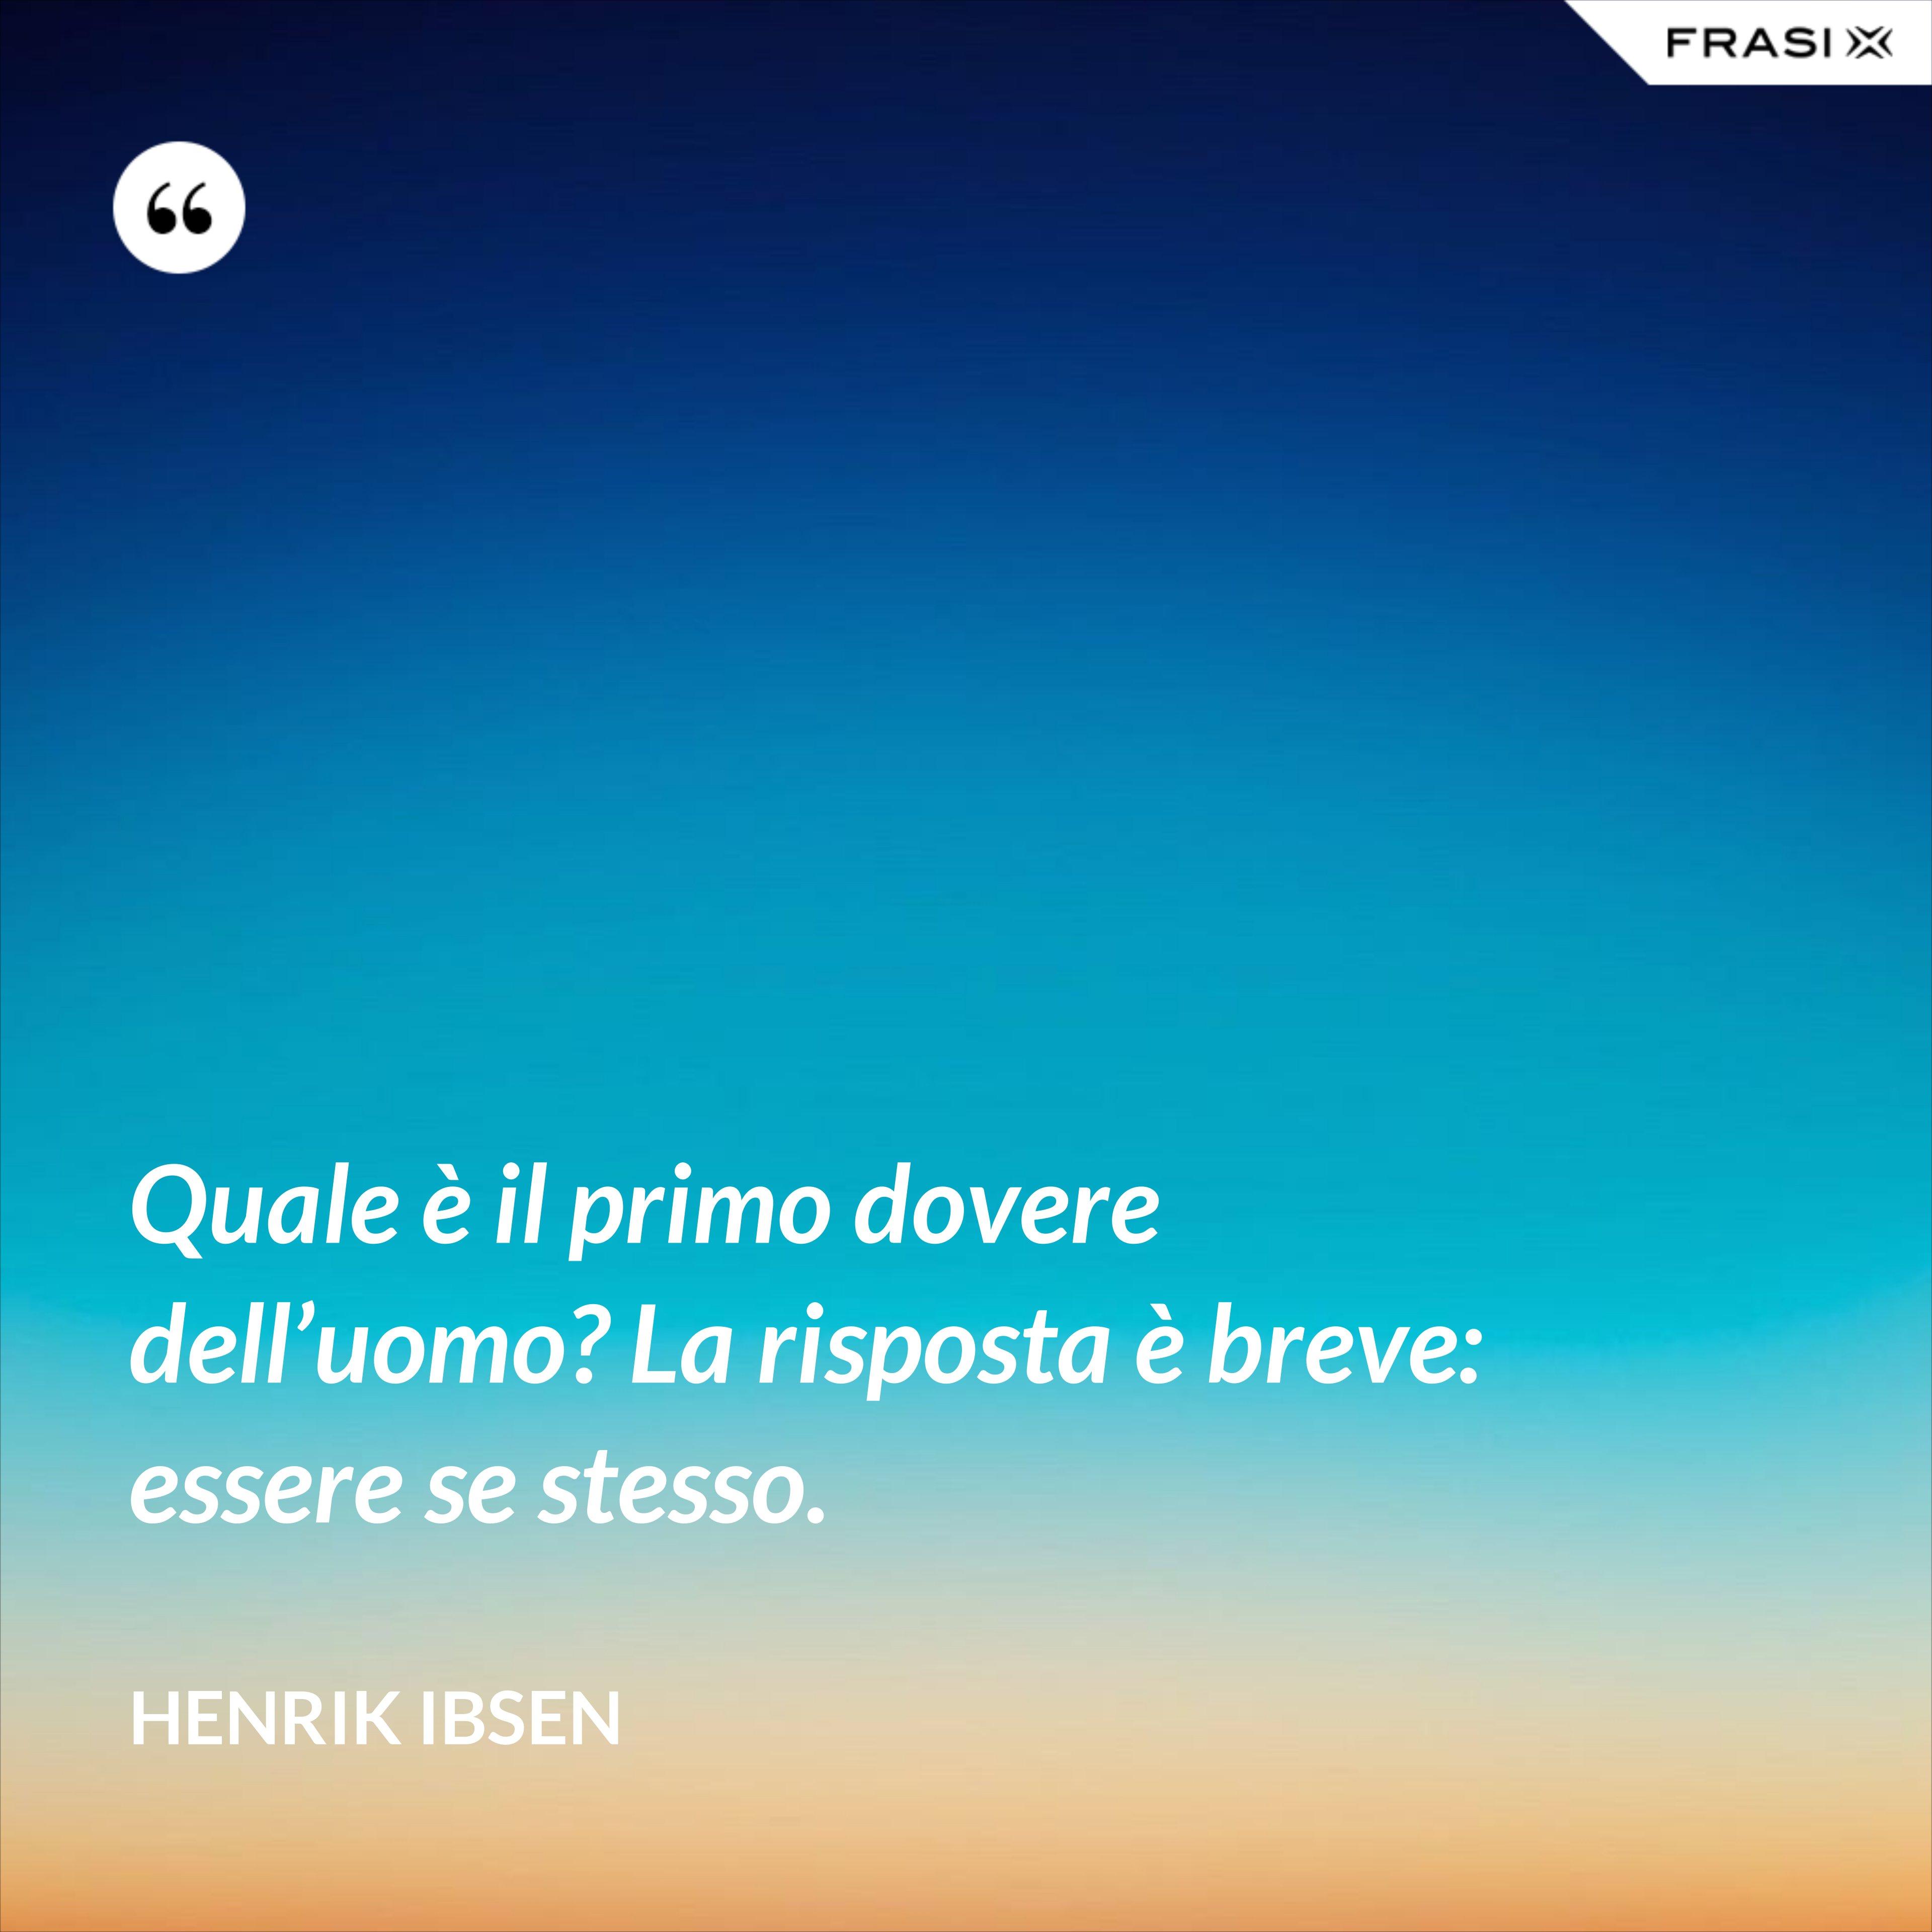 Quale è il primo dovere dell'uomo? La risposta è breve: essere se stesso. - Henrik Ibsen